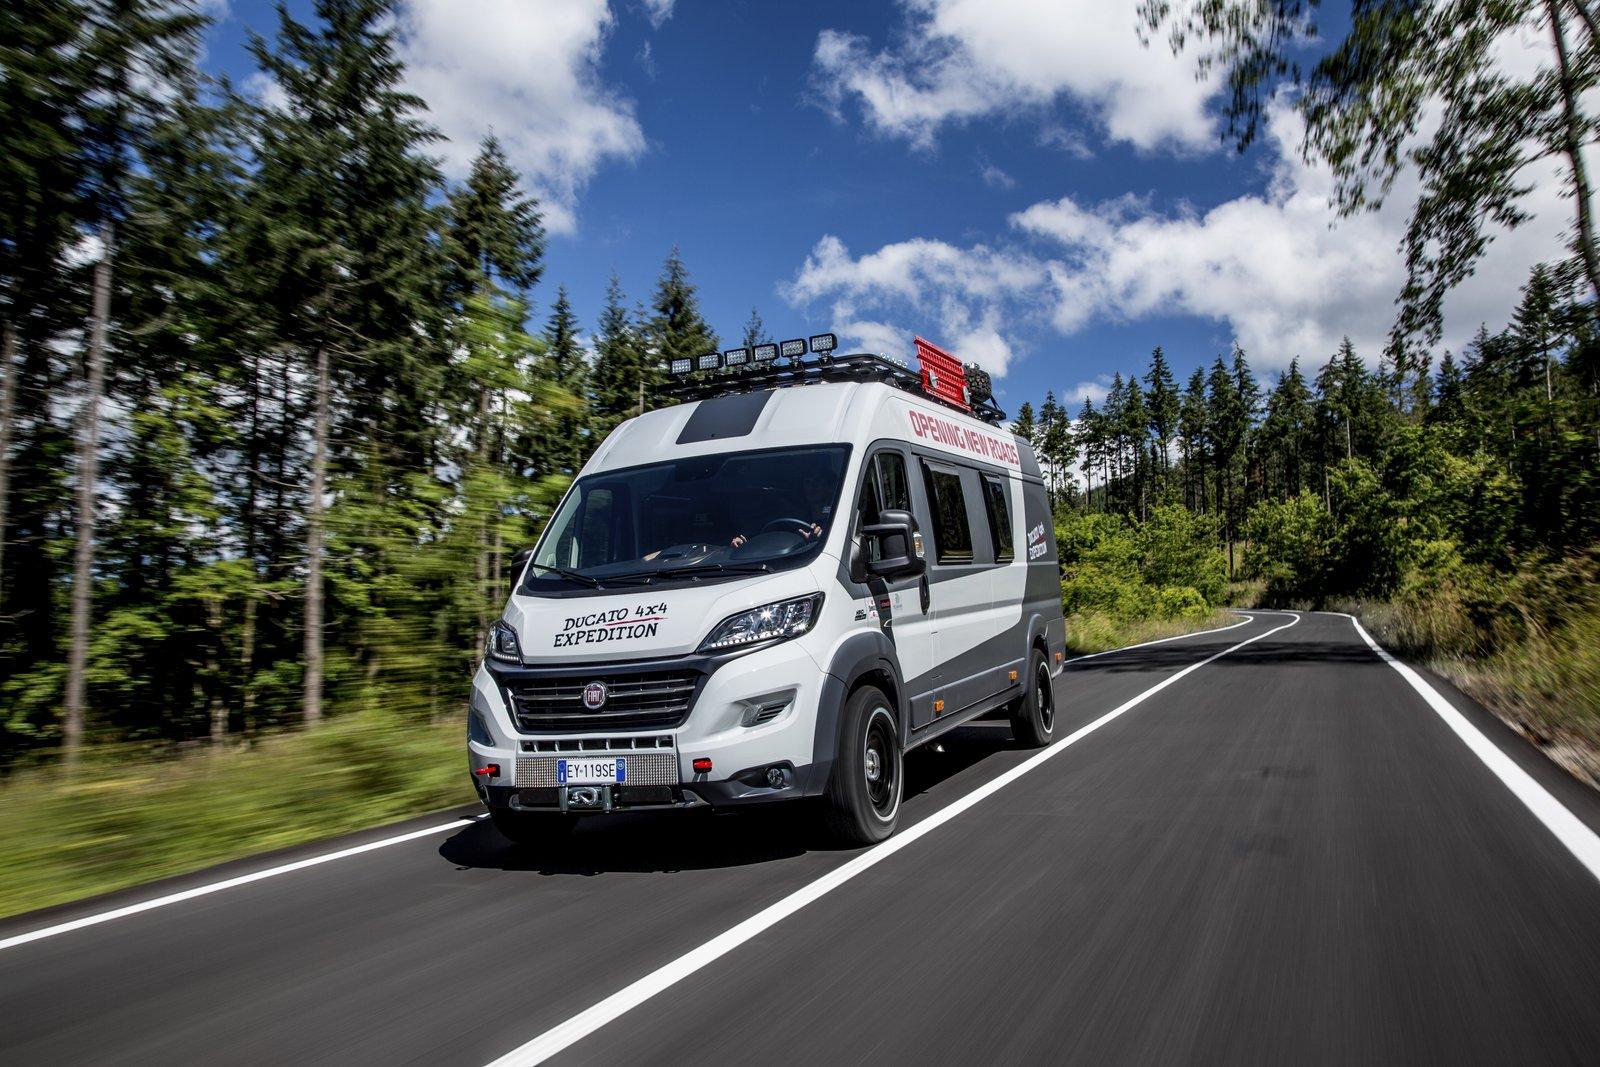 fiat ducato 4x4 expedition la furgoneta aventurera que quer a ser autocaravana. Black Bedroom Furniture Sets. Home Design Ideas